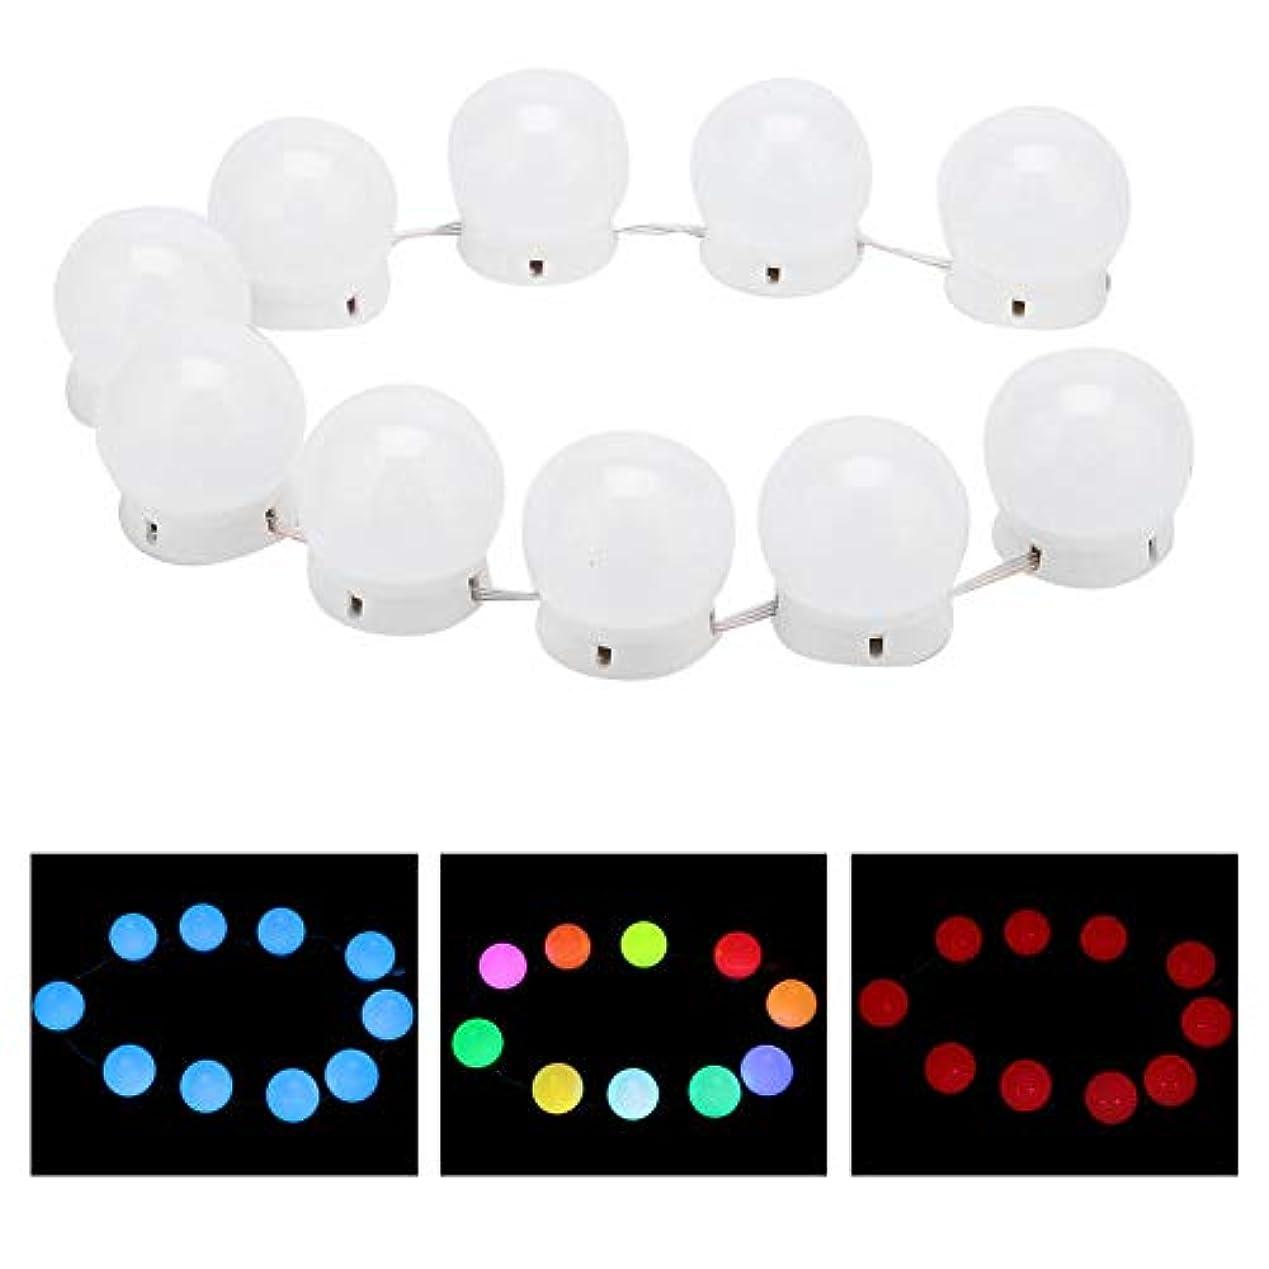 効果的に海里操る化粧鏡ラ??イトキット 10 LED付き調 光ライトストリング電球バニティライト化粧鏡に最適 バスルームの照明